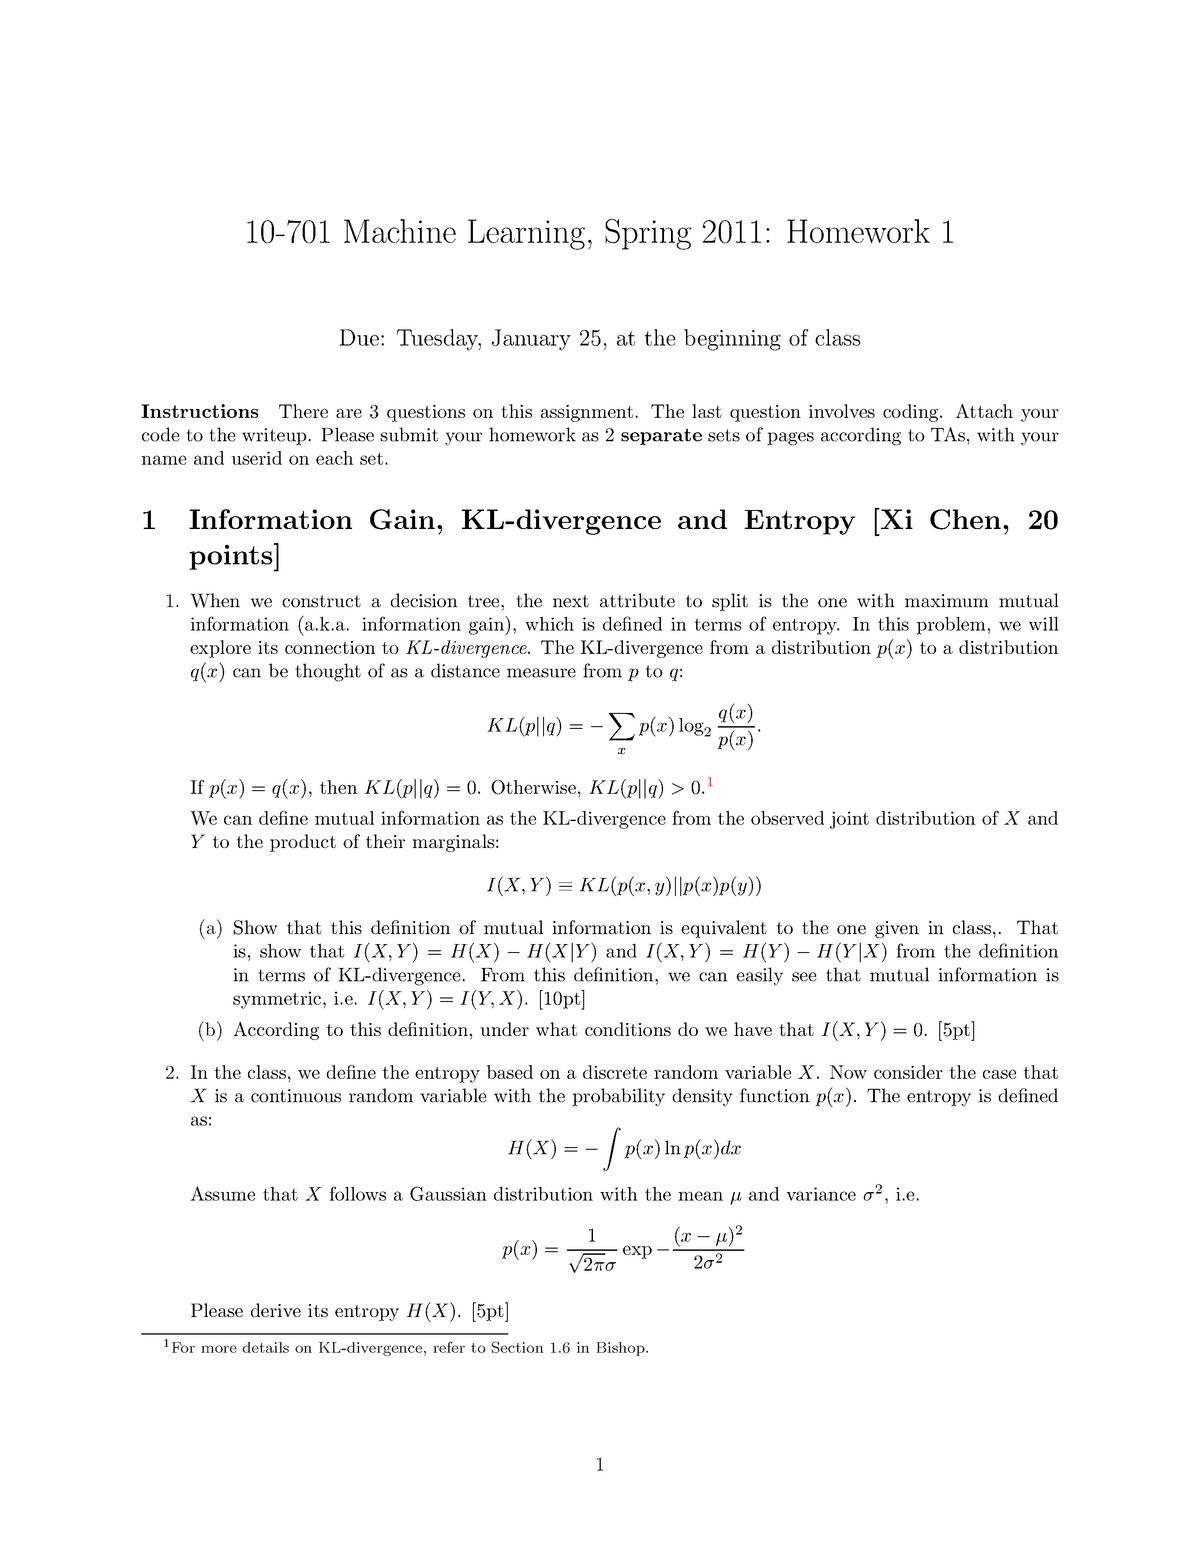 gaussian mutual information homework